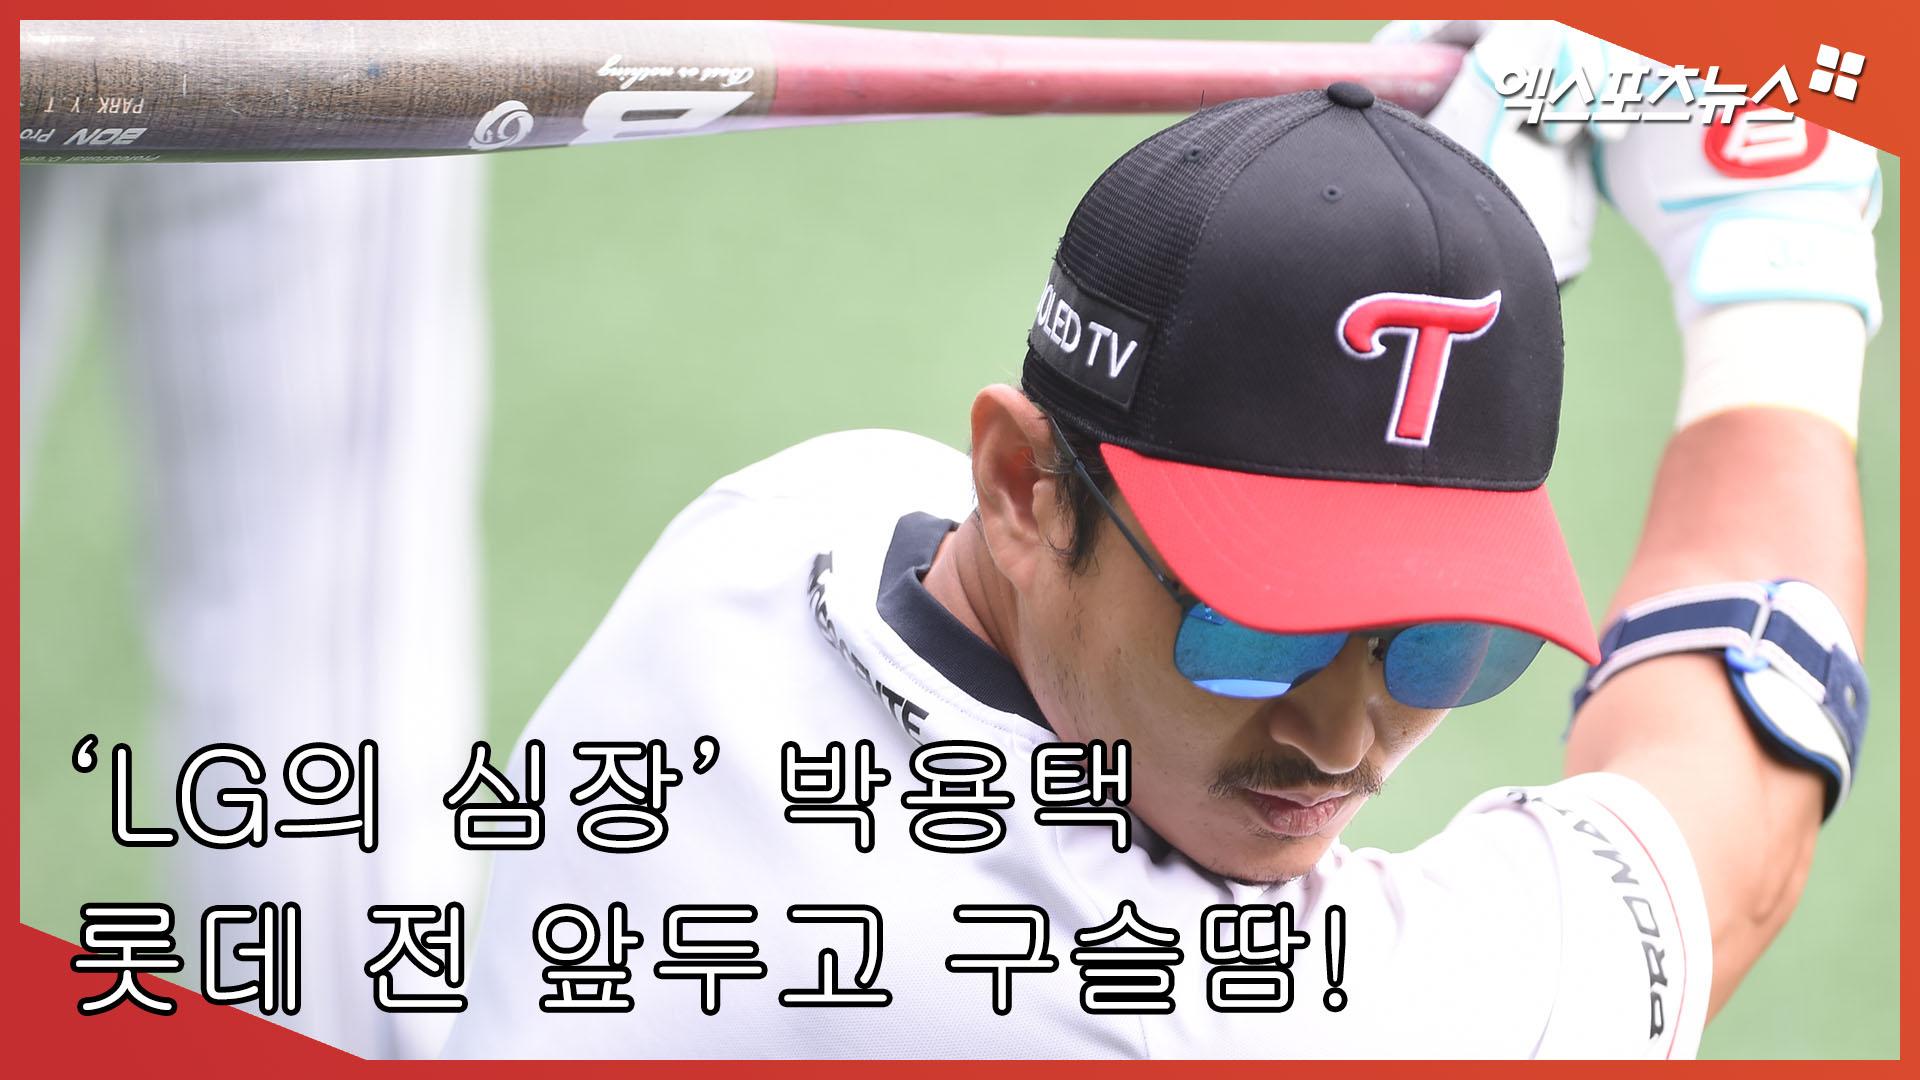 'LG의 심장' 박용택, 꾸준한 몸관리로 2500안타 대기록 눈앞! [엑's 스케치]